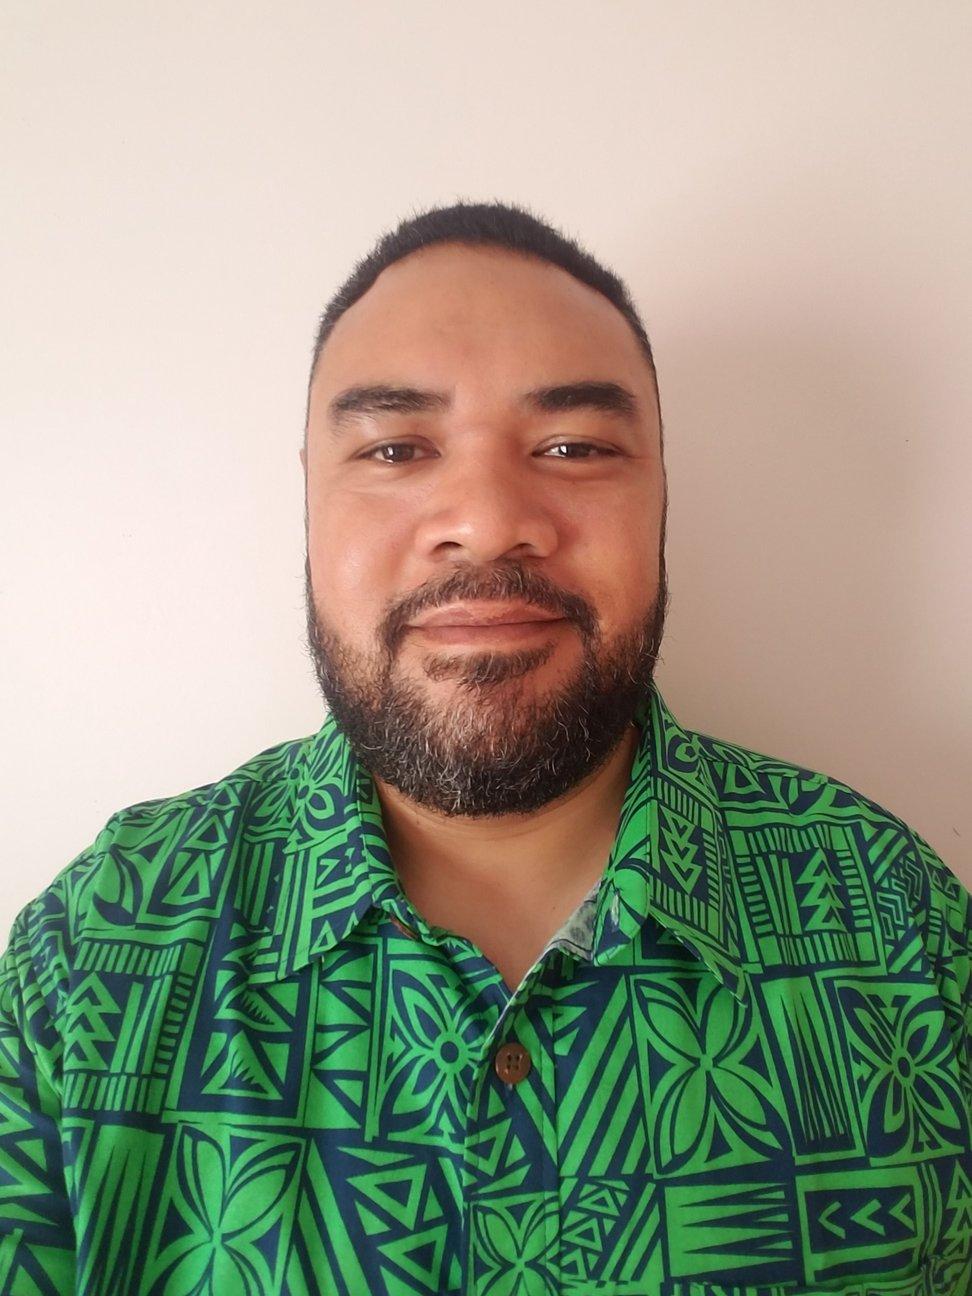 David Taufui Mikato Fa'avae